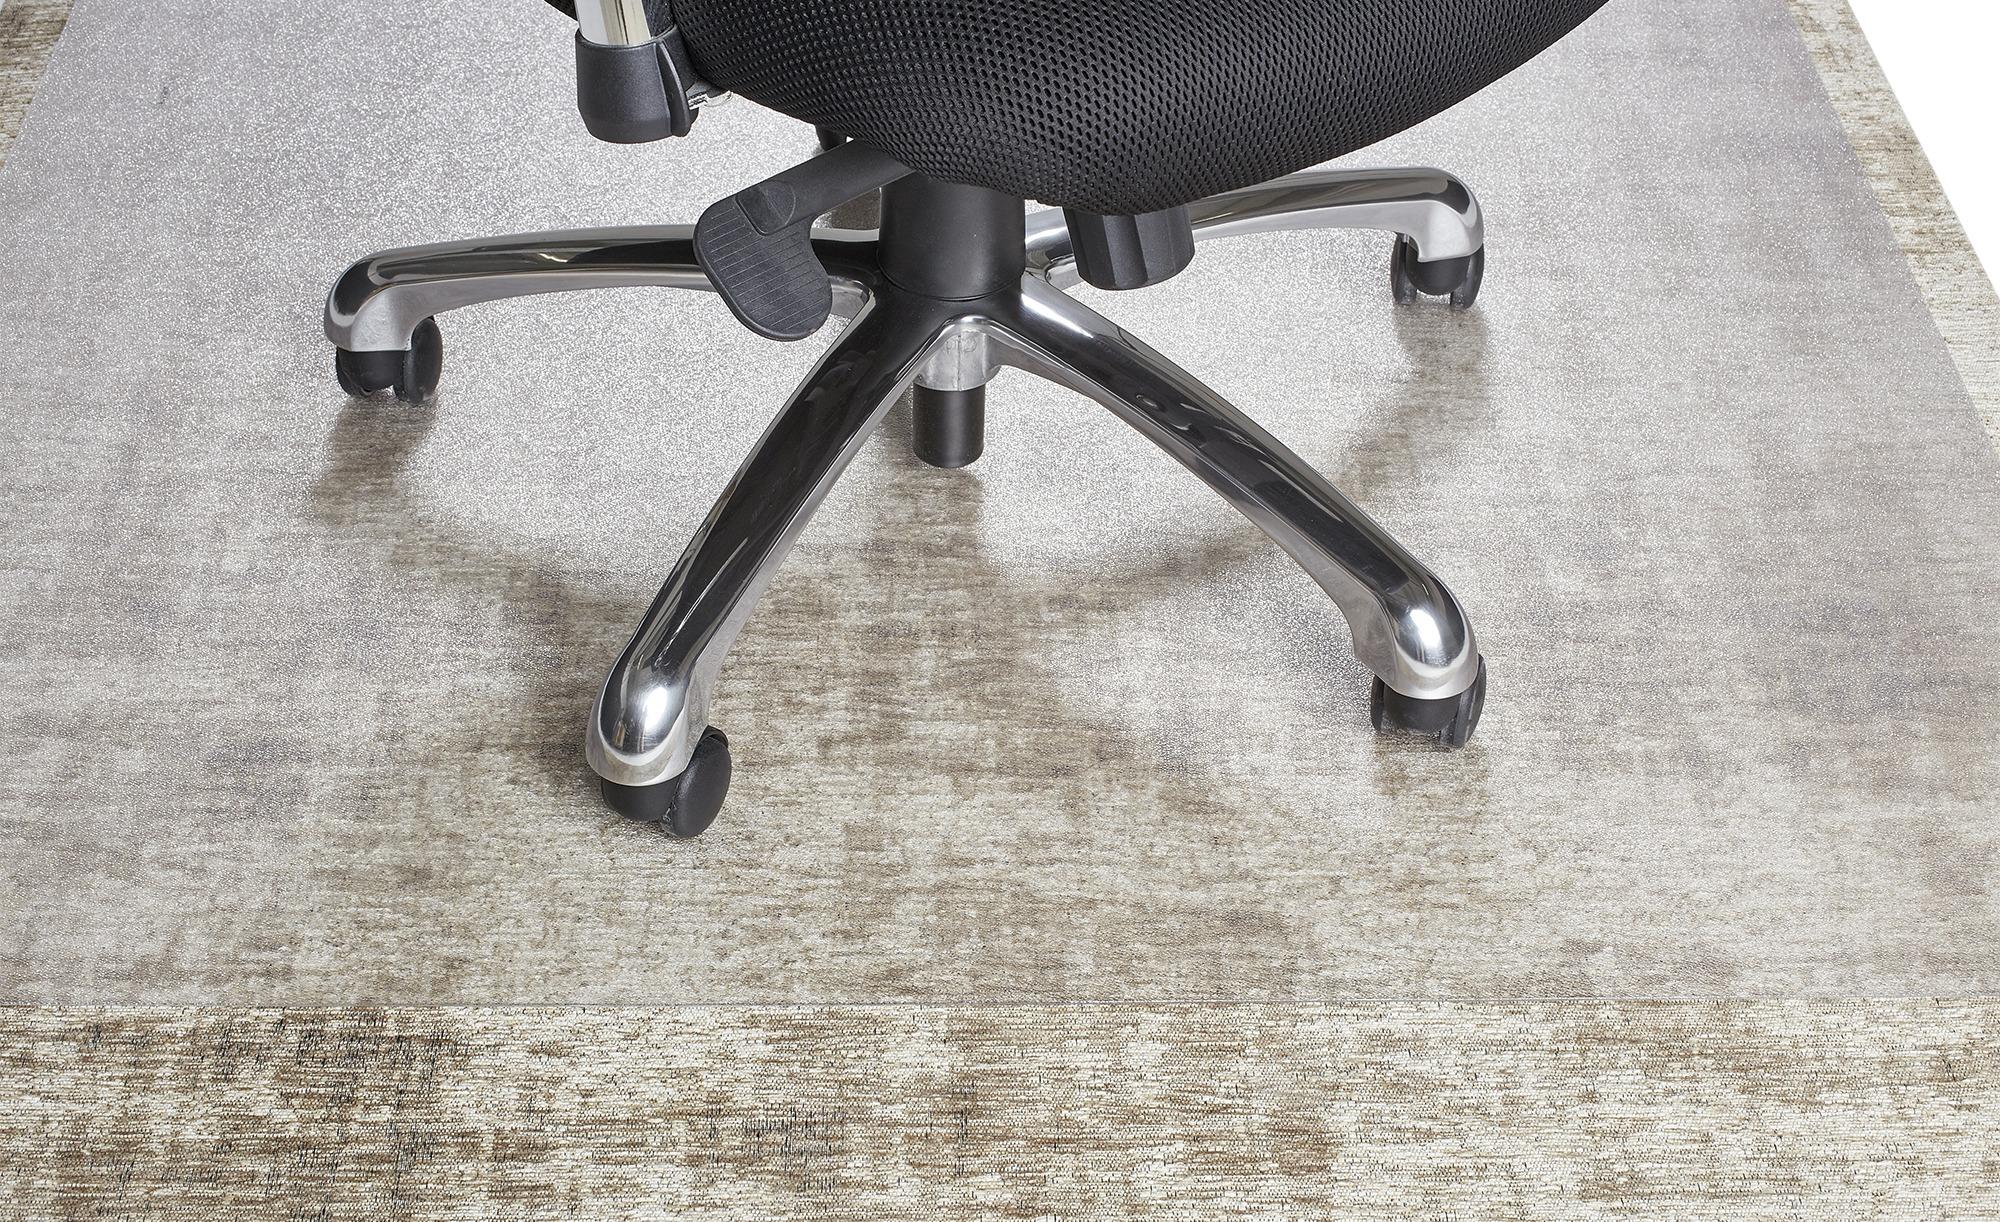 Bürostuhlunterlage ohne Noppen ¦ transparent/klar ¦ 100 % Polyethylen (PET) ¦ Maße (cm): B: 120 Teppiche > Teppichzubehör - Höffner